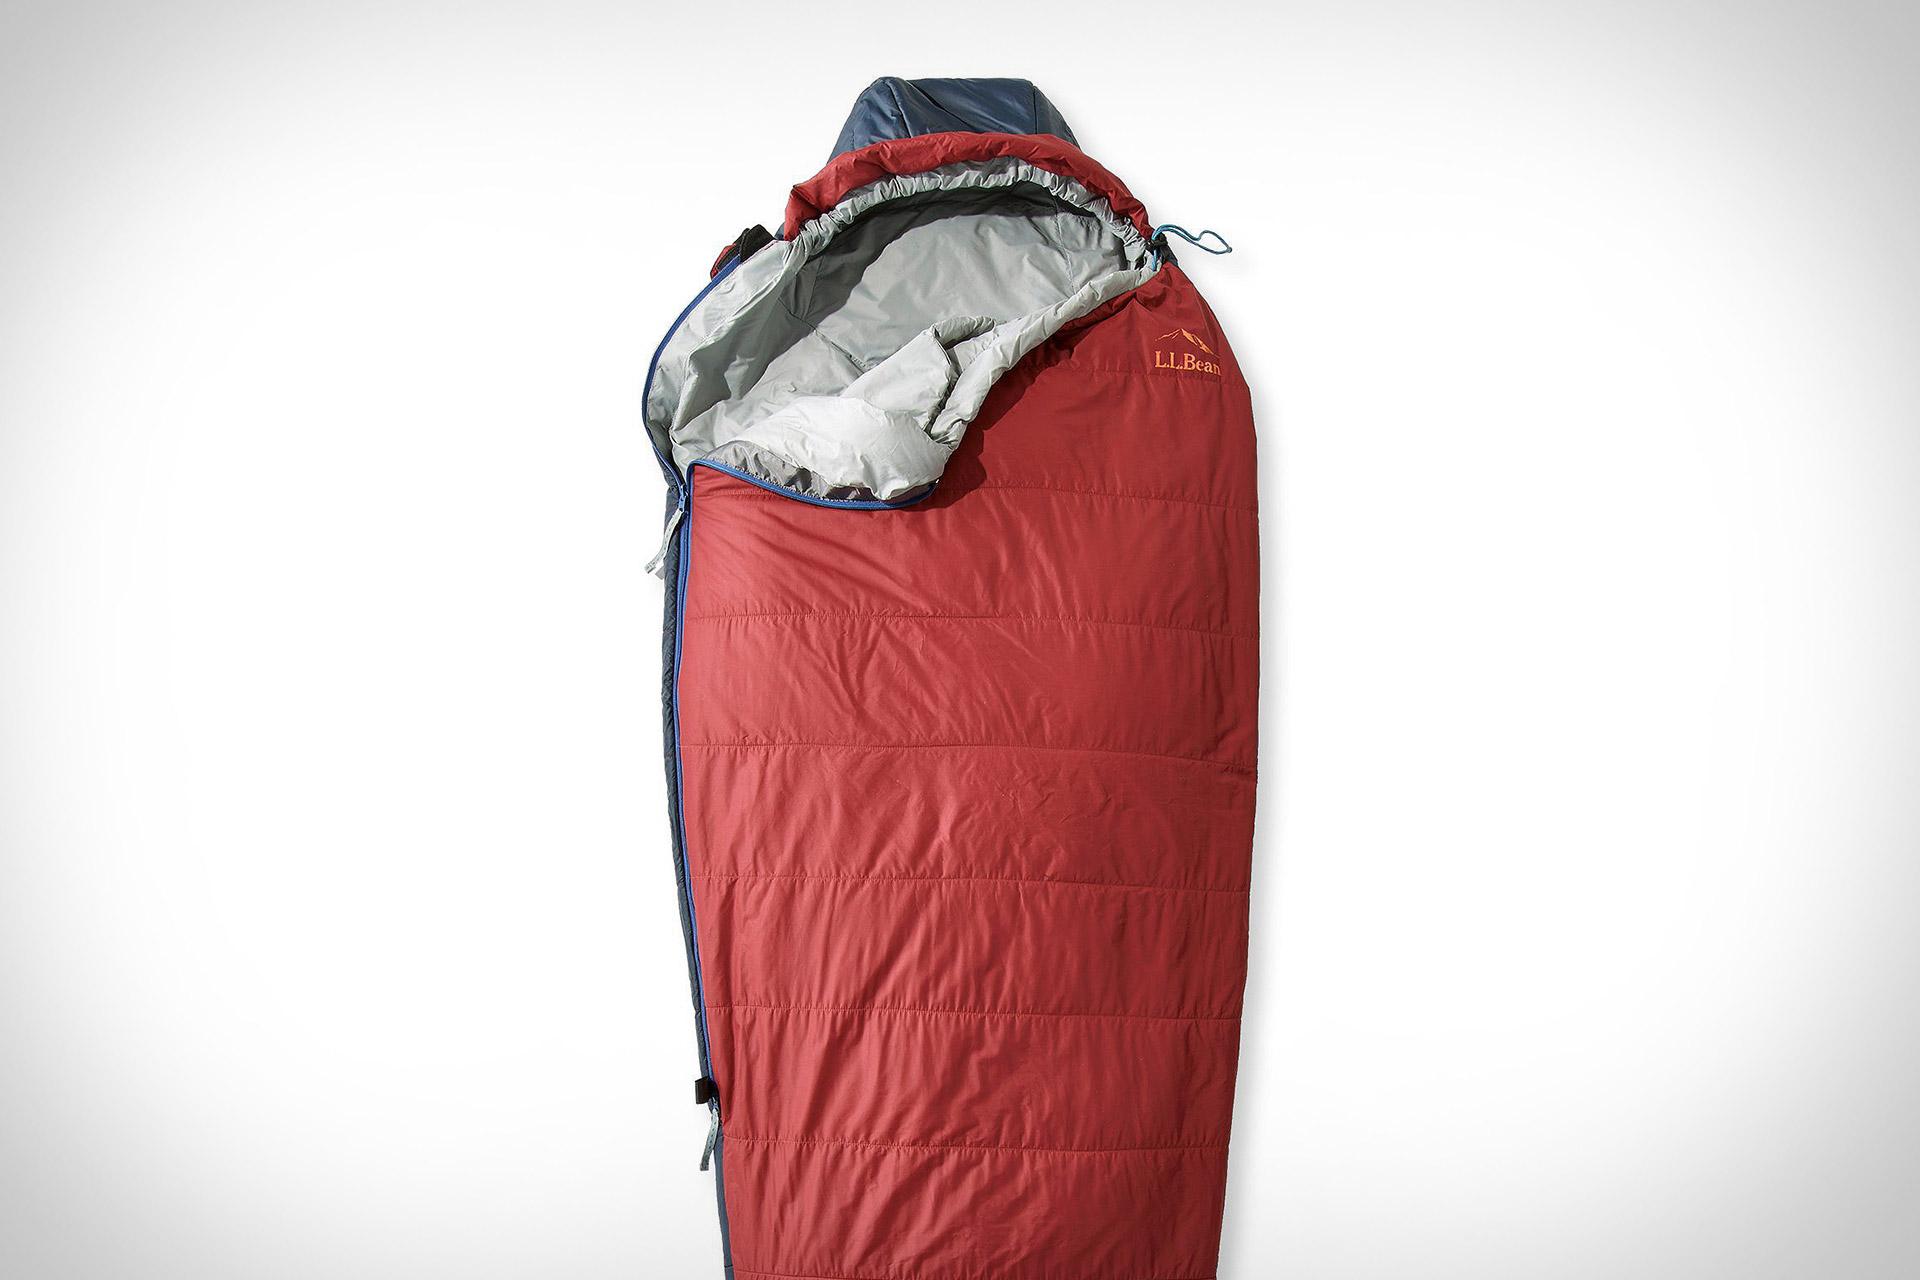 ll bean chairs flip out sleeper chair l ultralight sleeping bag uncrate